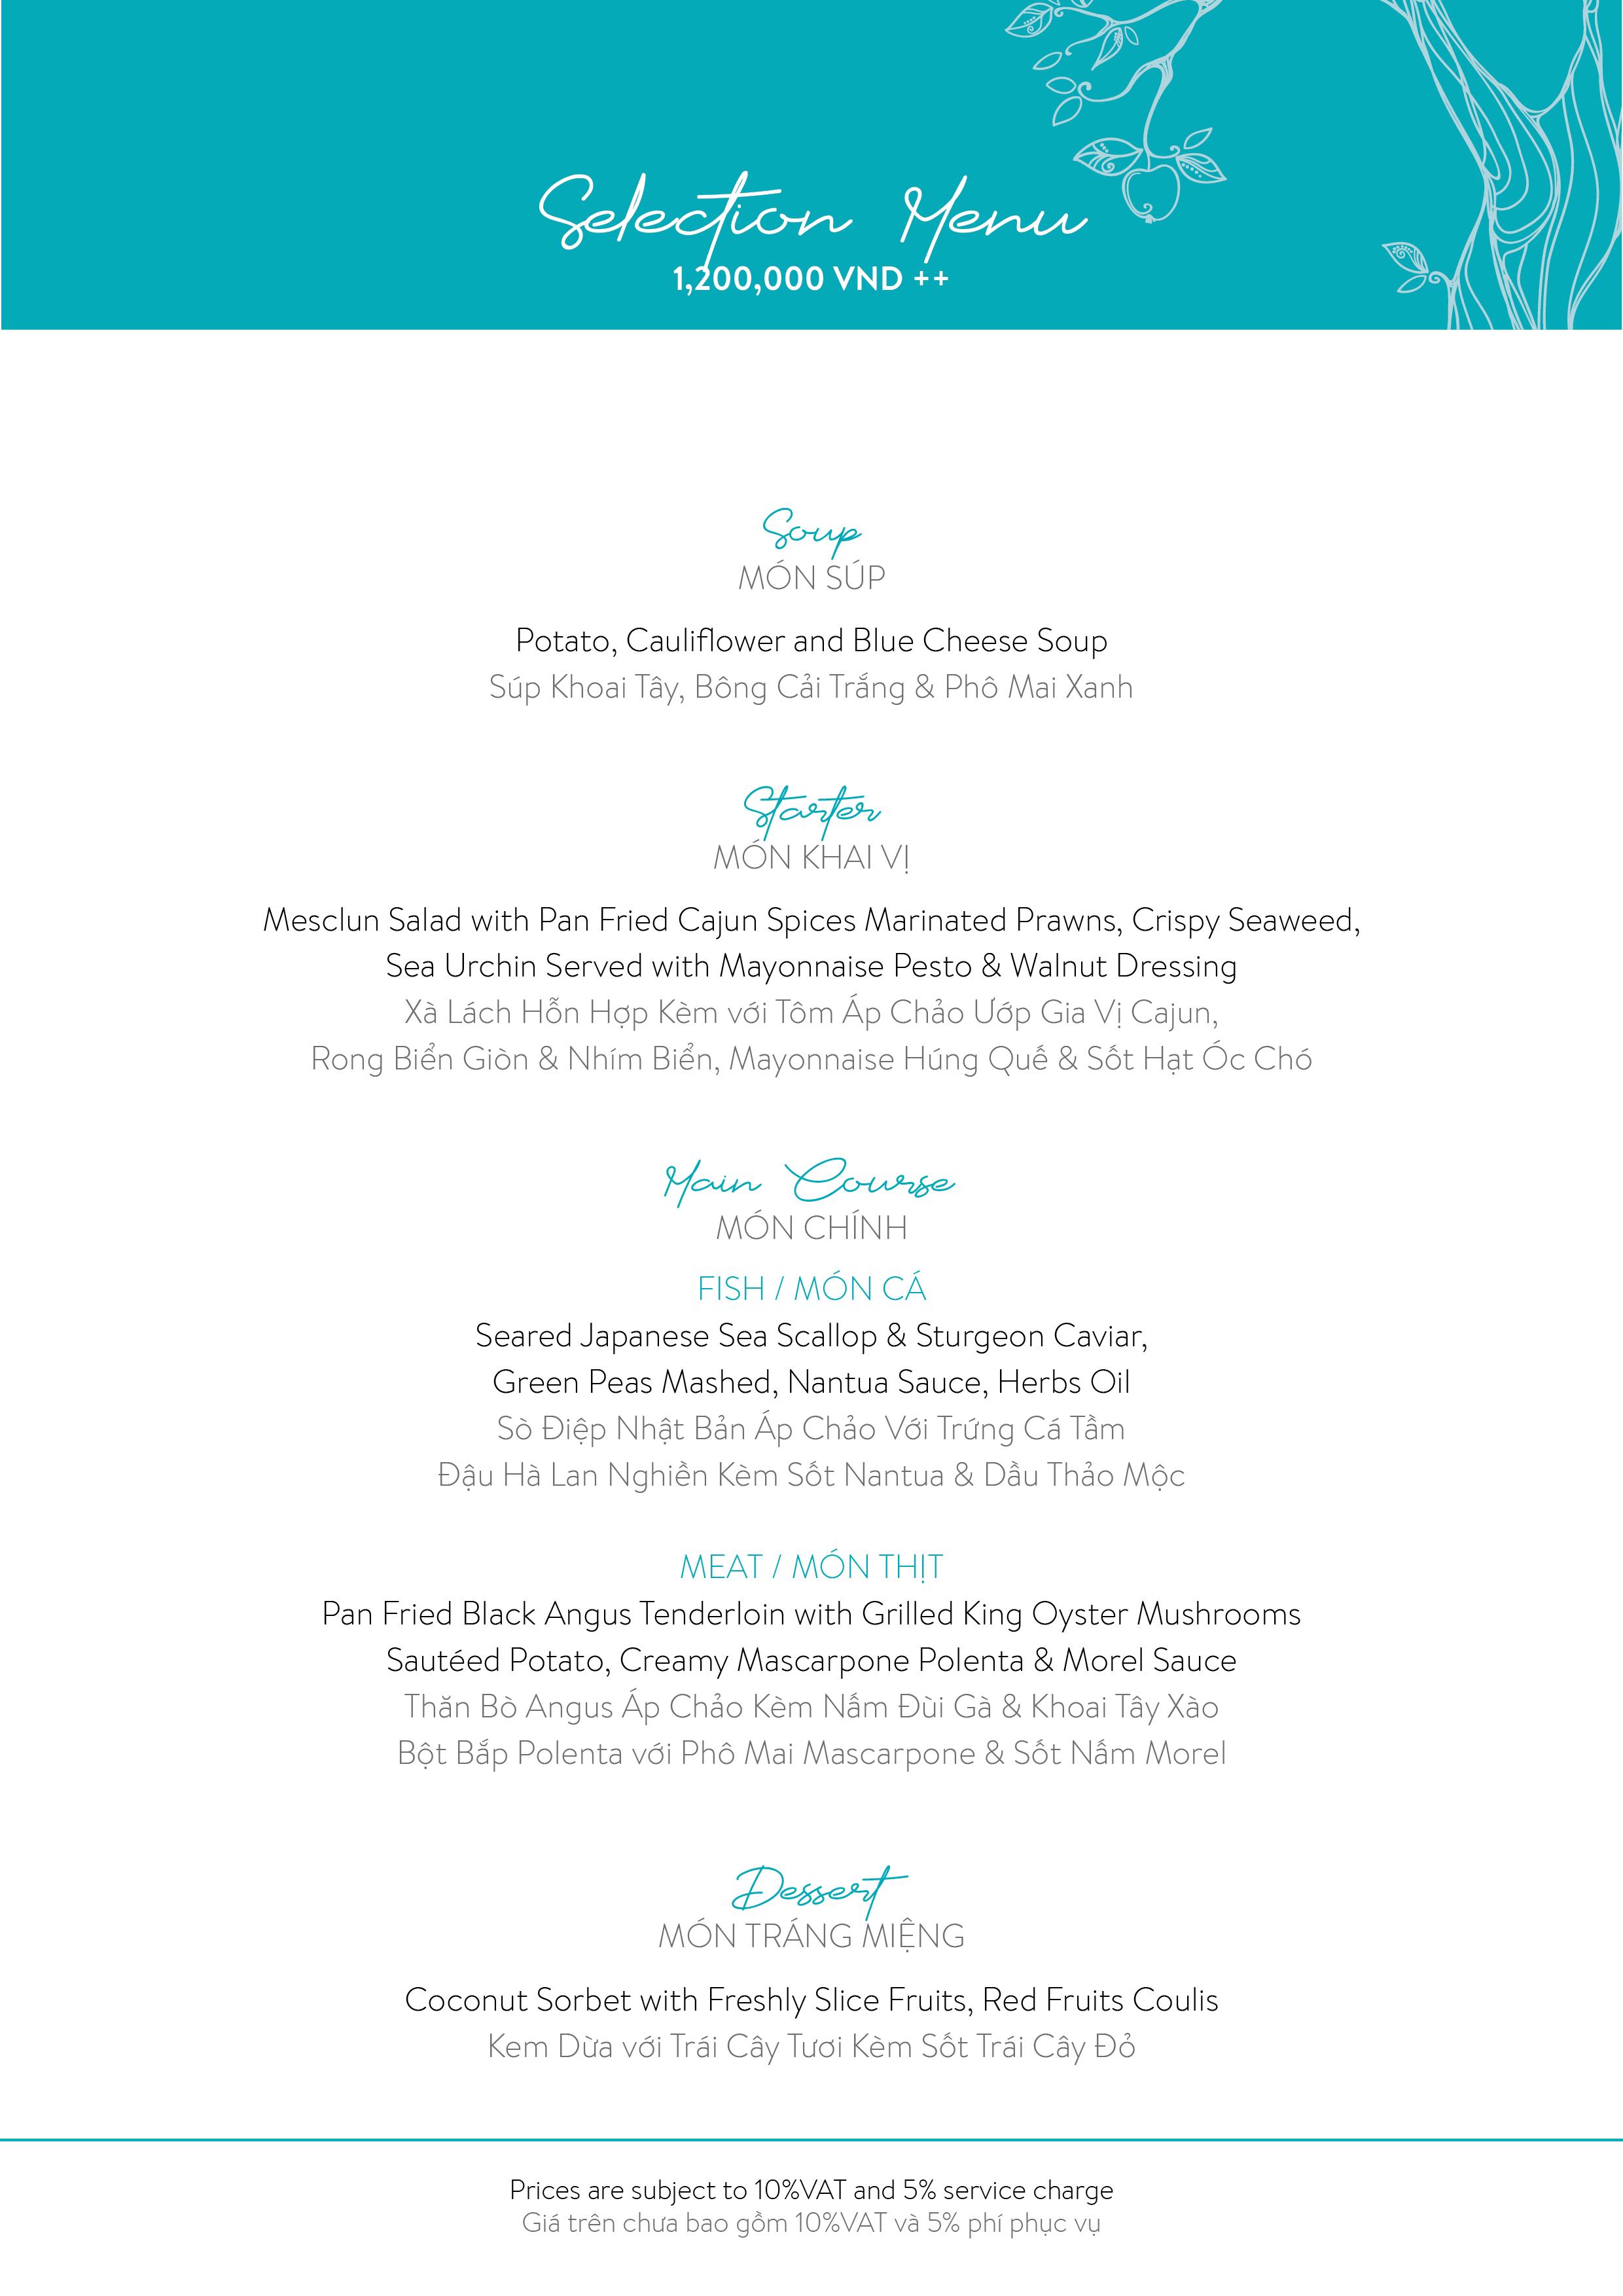 The Temptation-Selection menu2